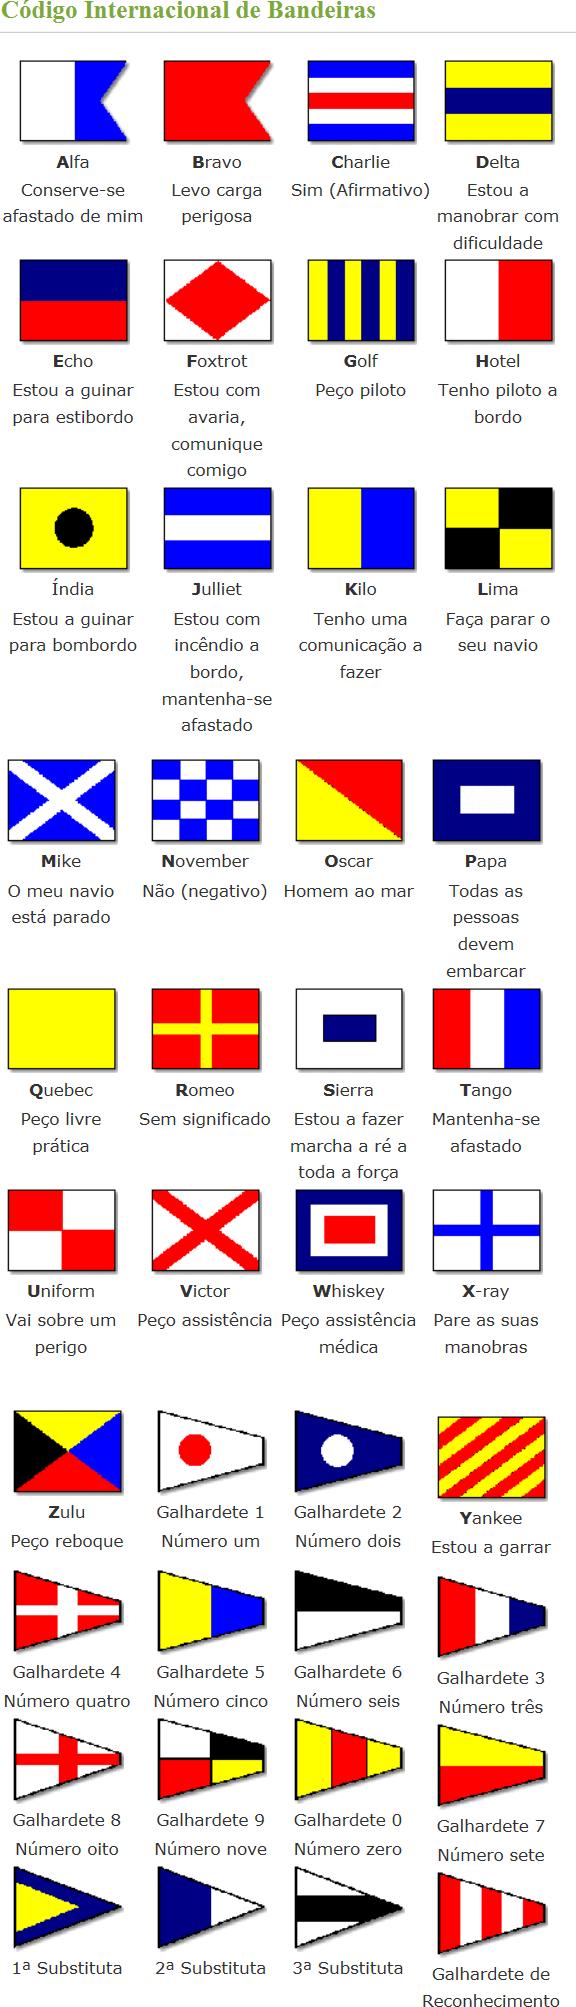 Codigo int. bandeiras.png